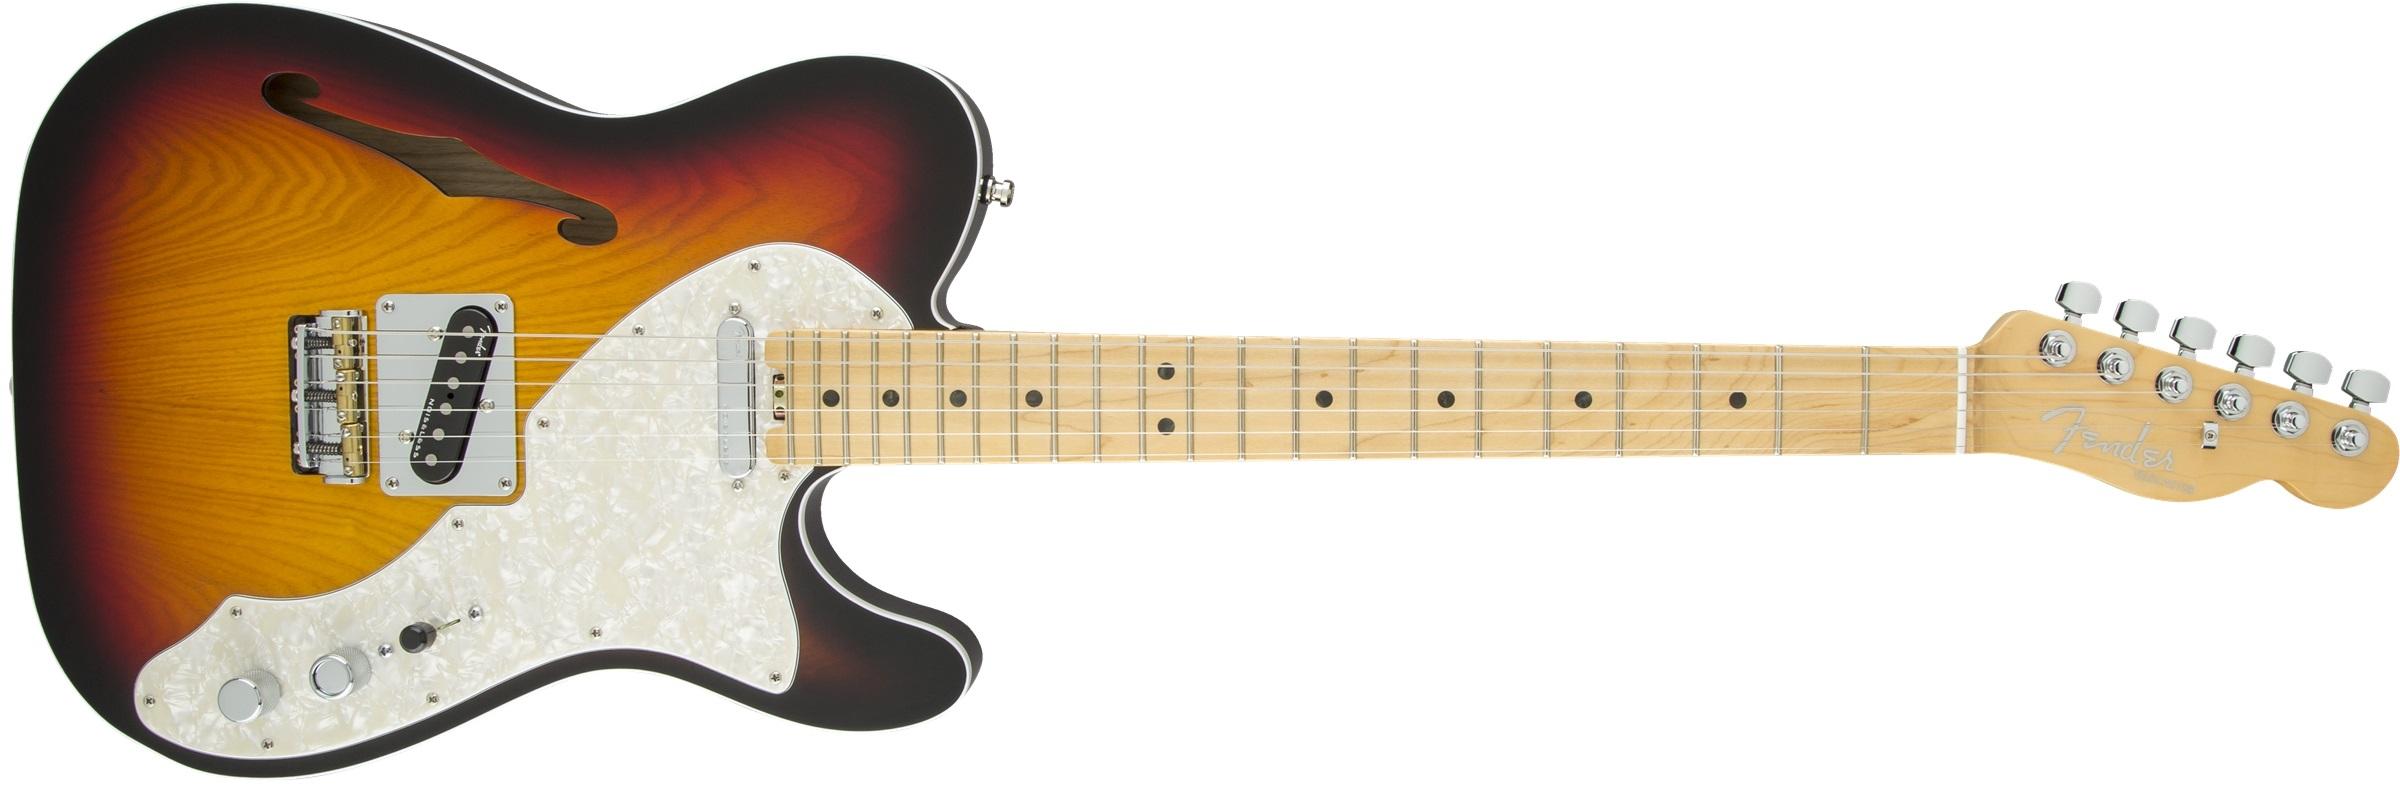 Fender American Elite Telecaster Thinline MN 3TSB